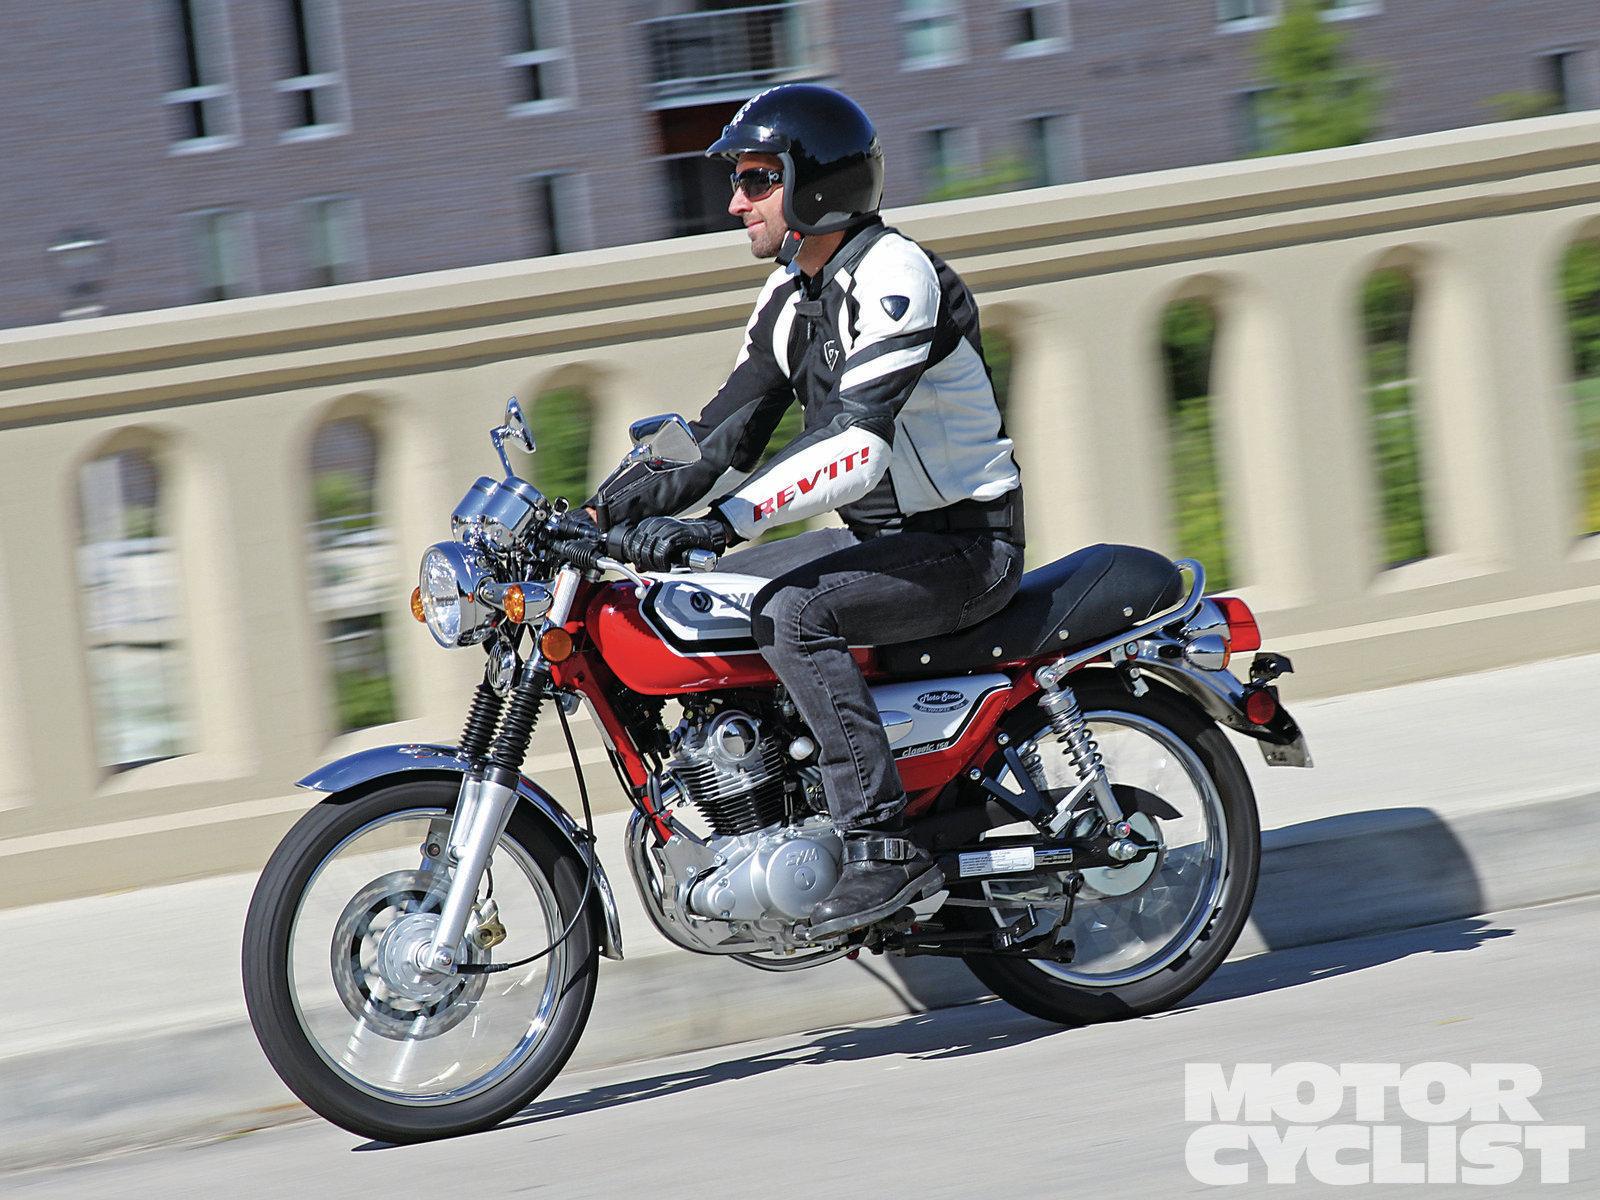 122-1301-01-oSYM-wolf-classic-150.jpg